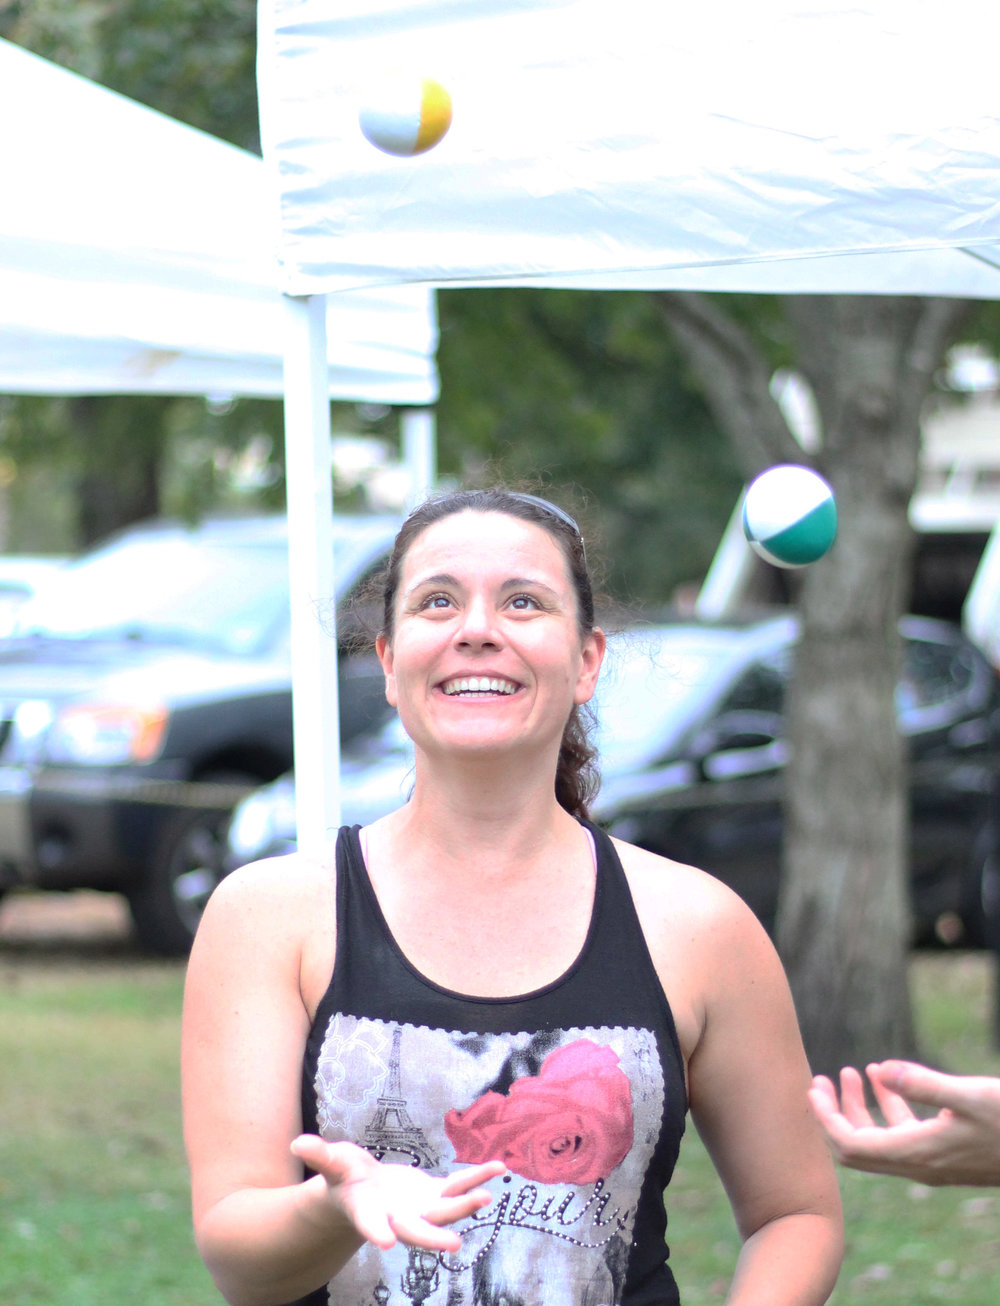 Festival Juggler 1.jpg